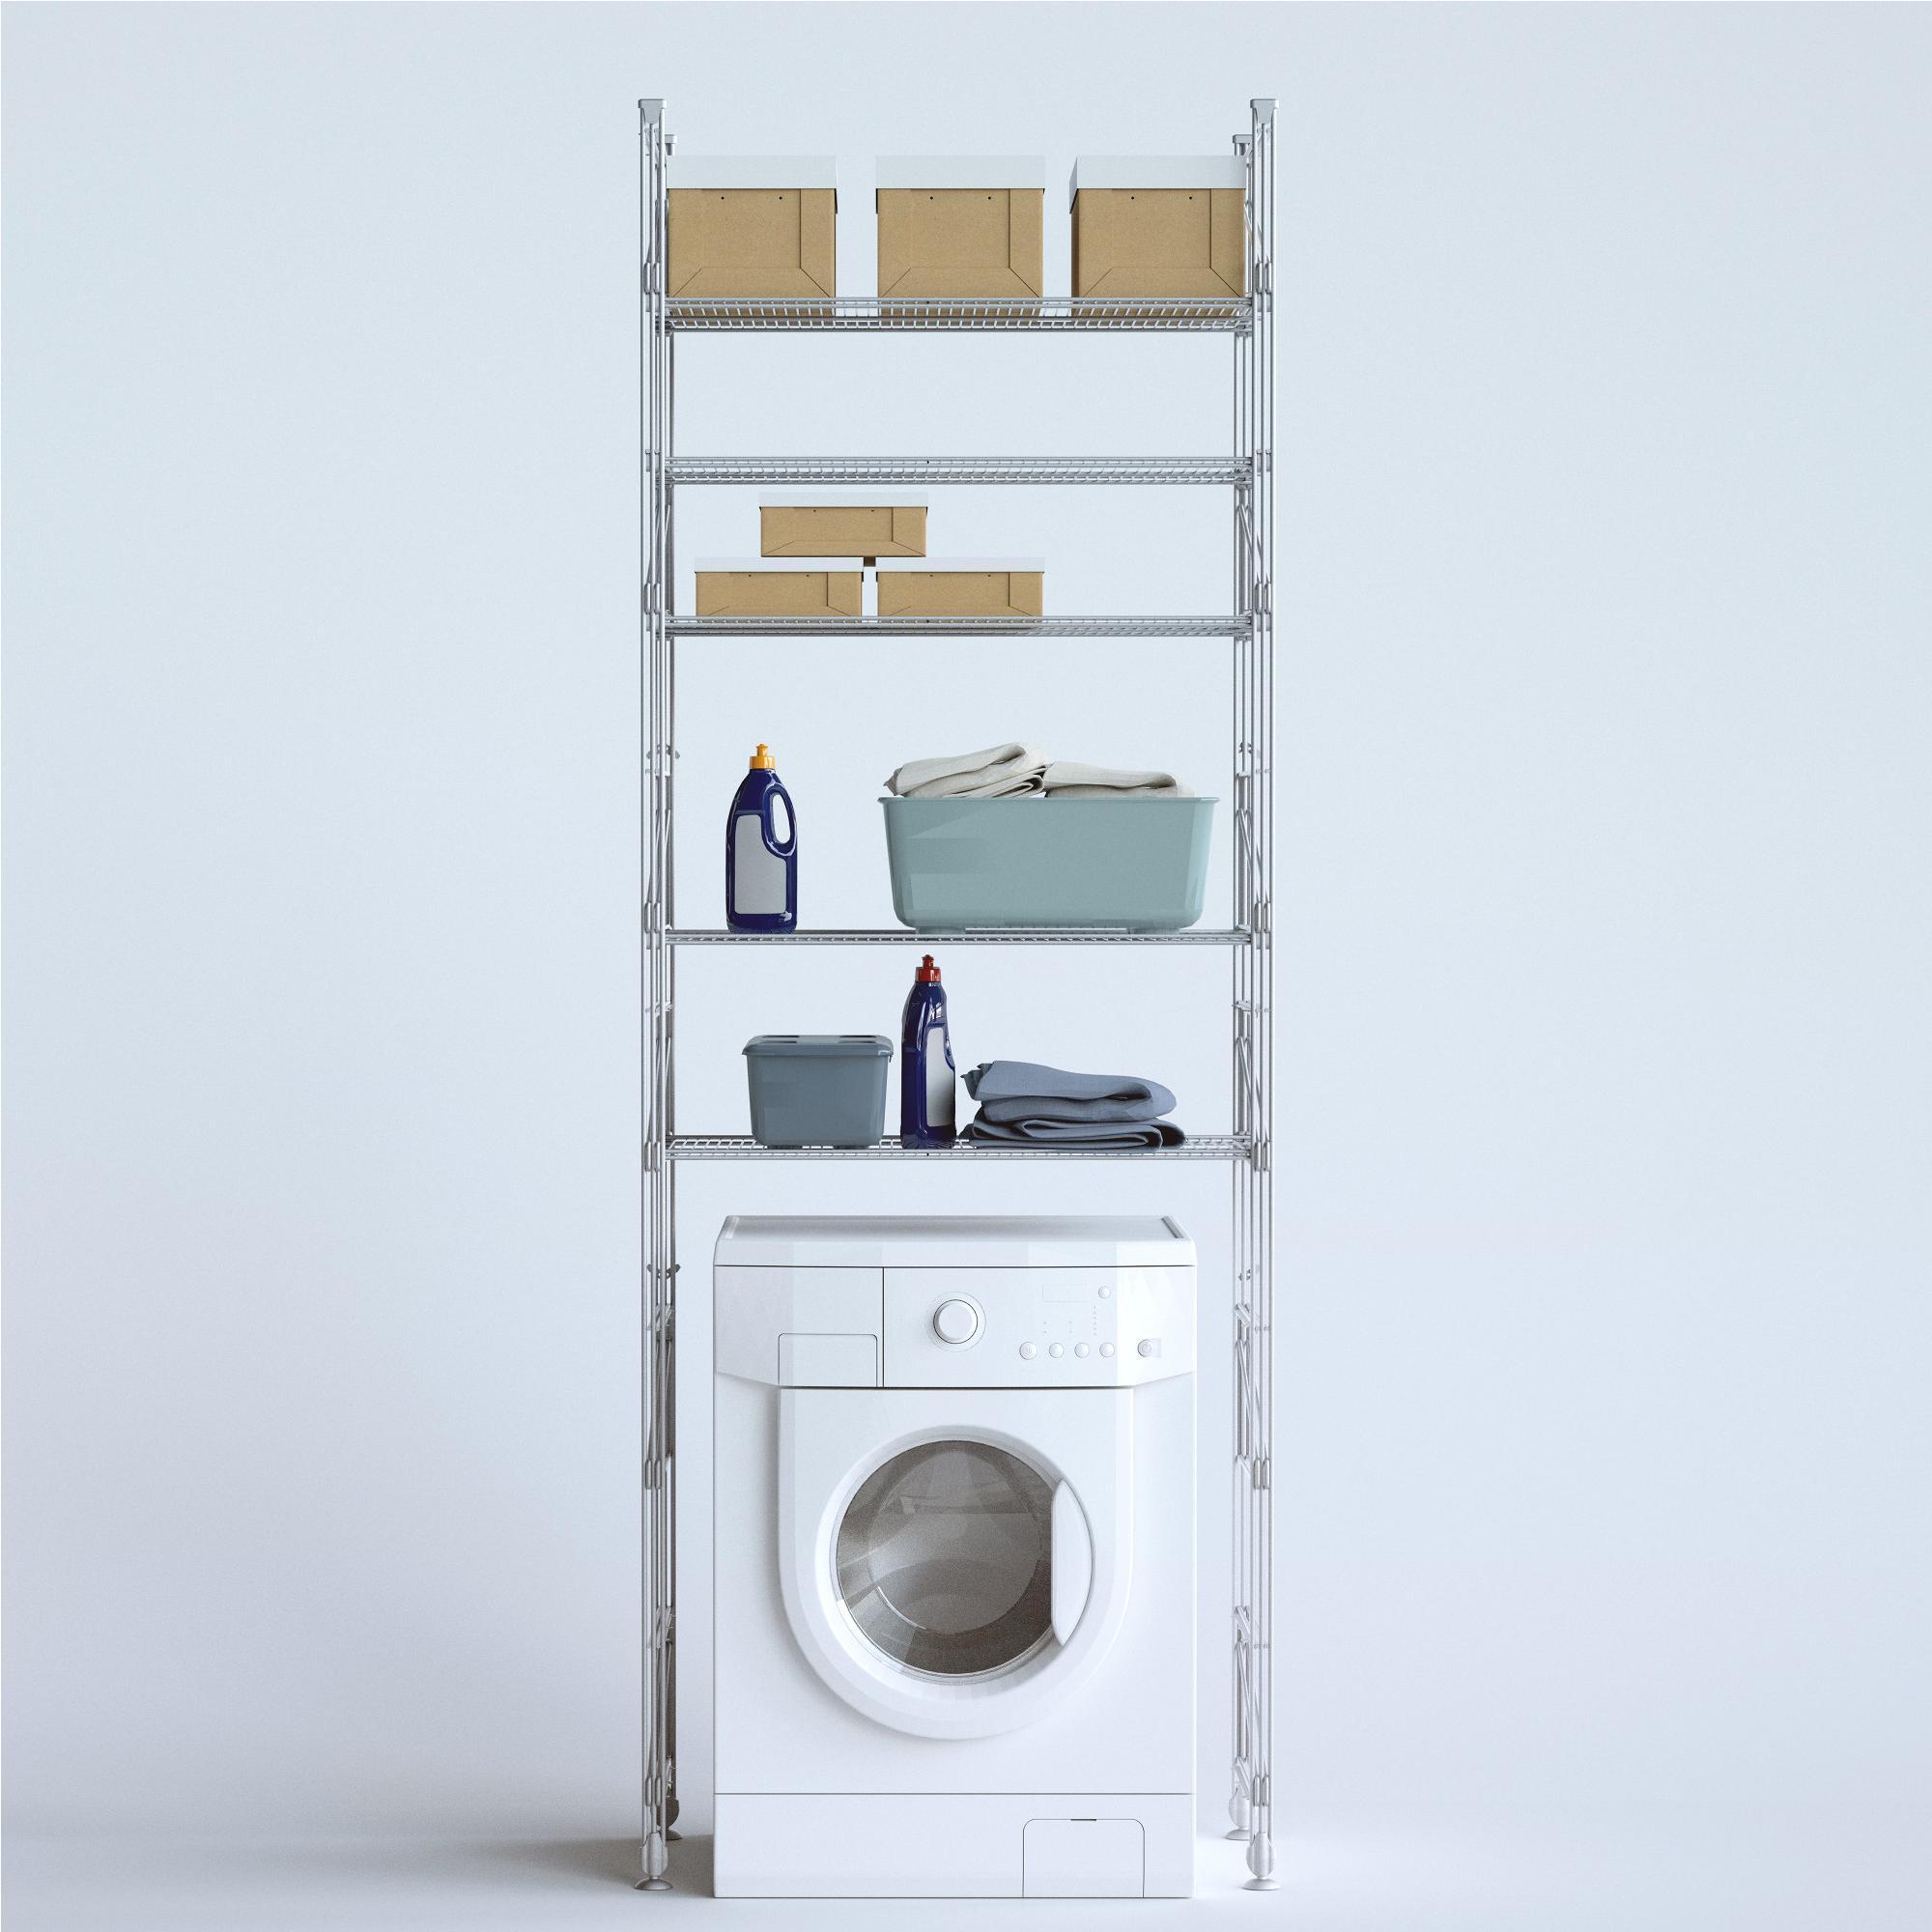 Scaffale componibile modulo lavatrice lia 80x42xh190 cm - Scaffale legno bagno ikea ...